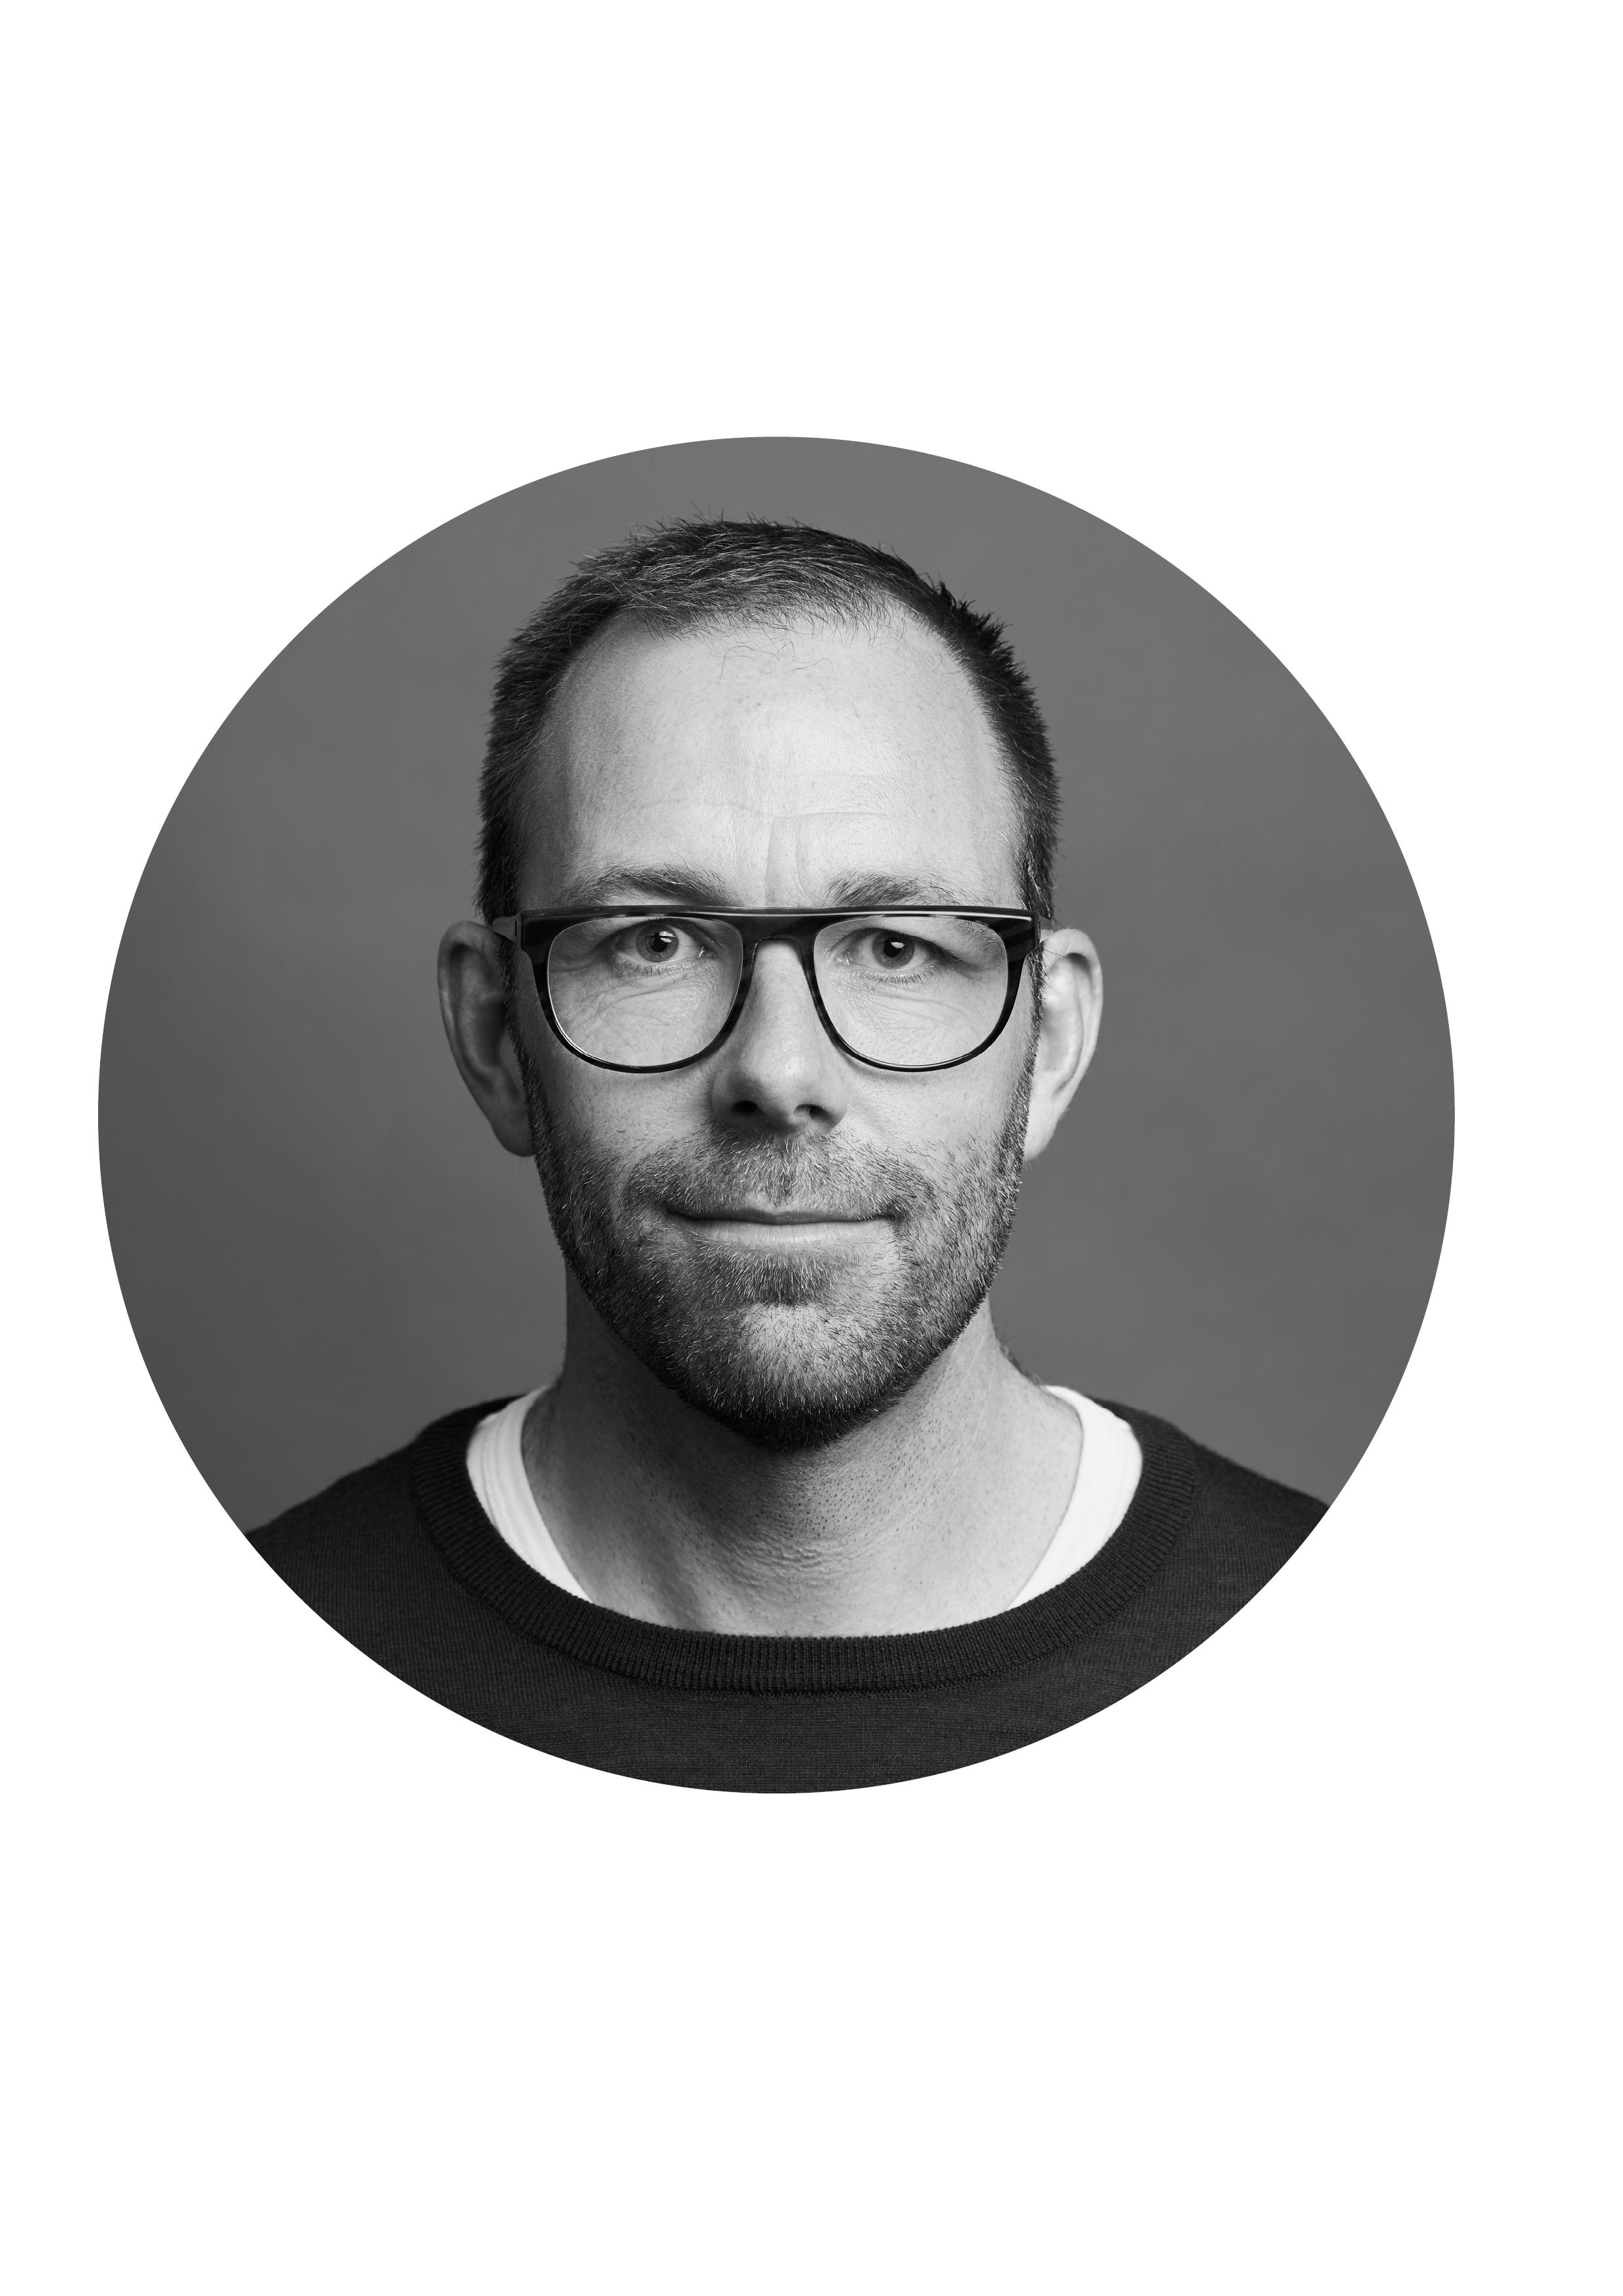 Nils Rylén